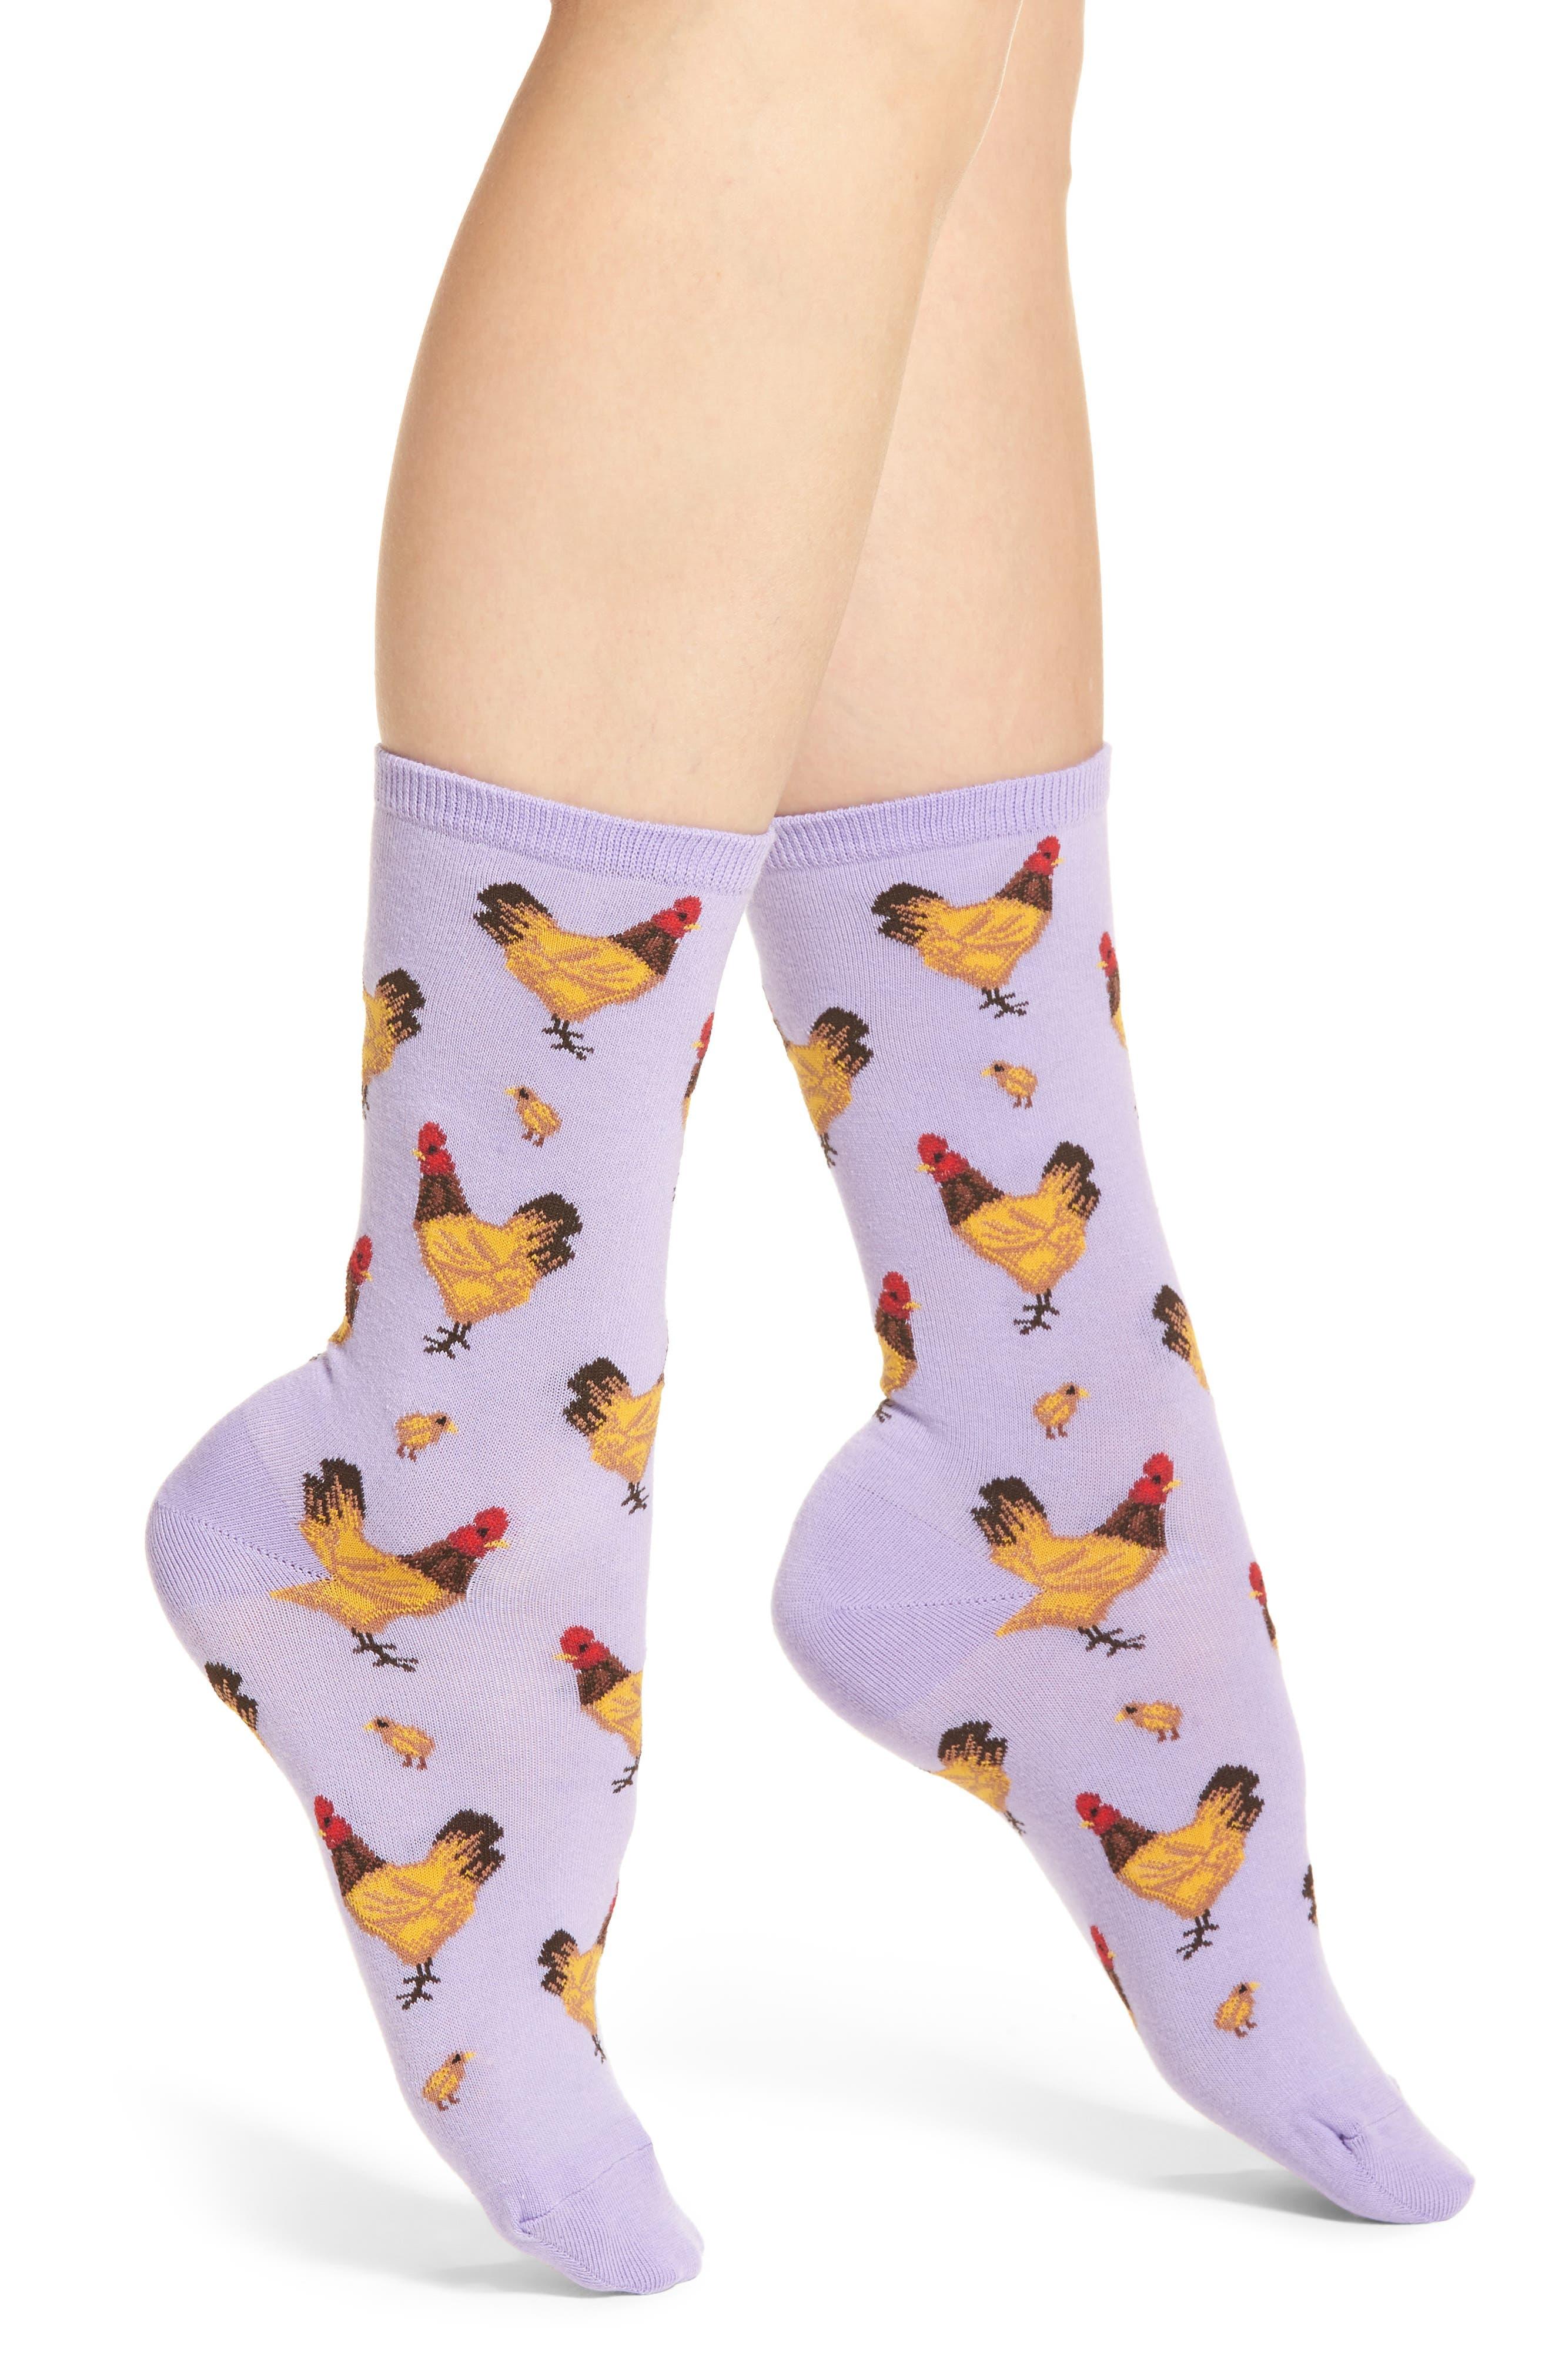 Hot Sox Chicken Crew Socks